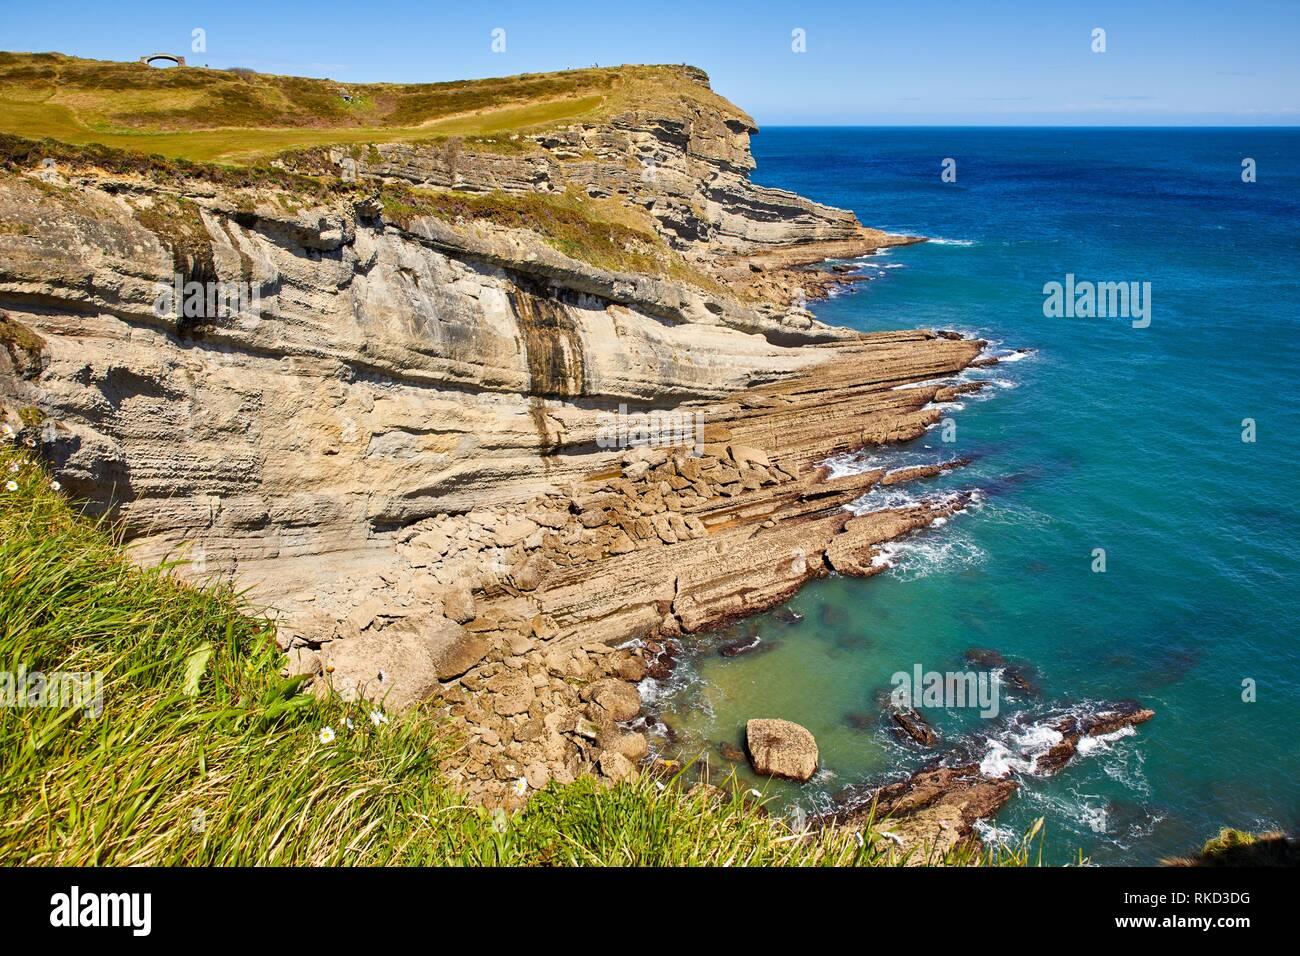 Sicht der Leuchtturm von Cabo Mayor, Santander, Kantabrien, Spanien, Europa Stockbild